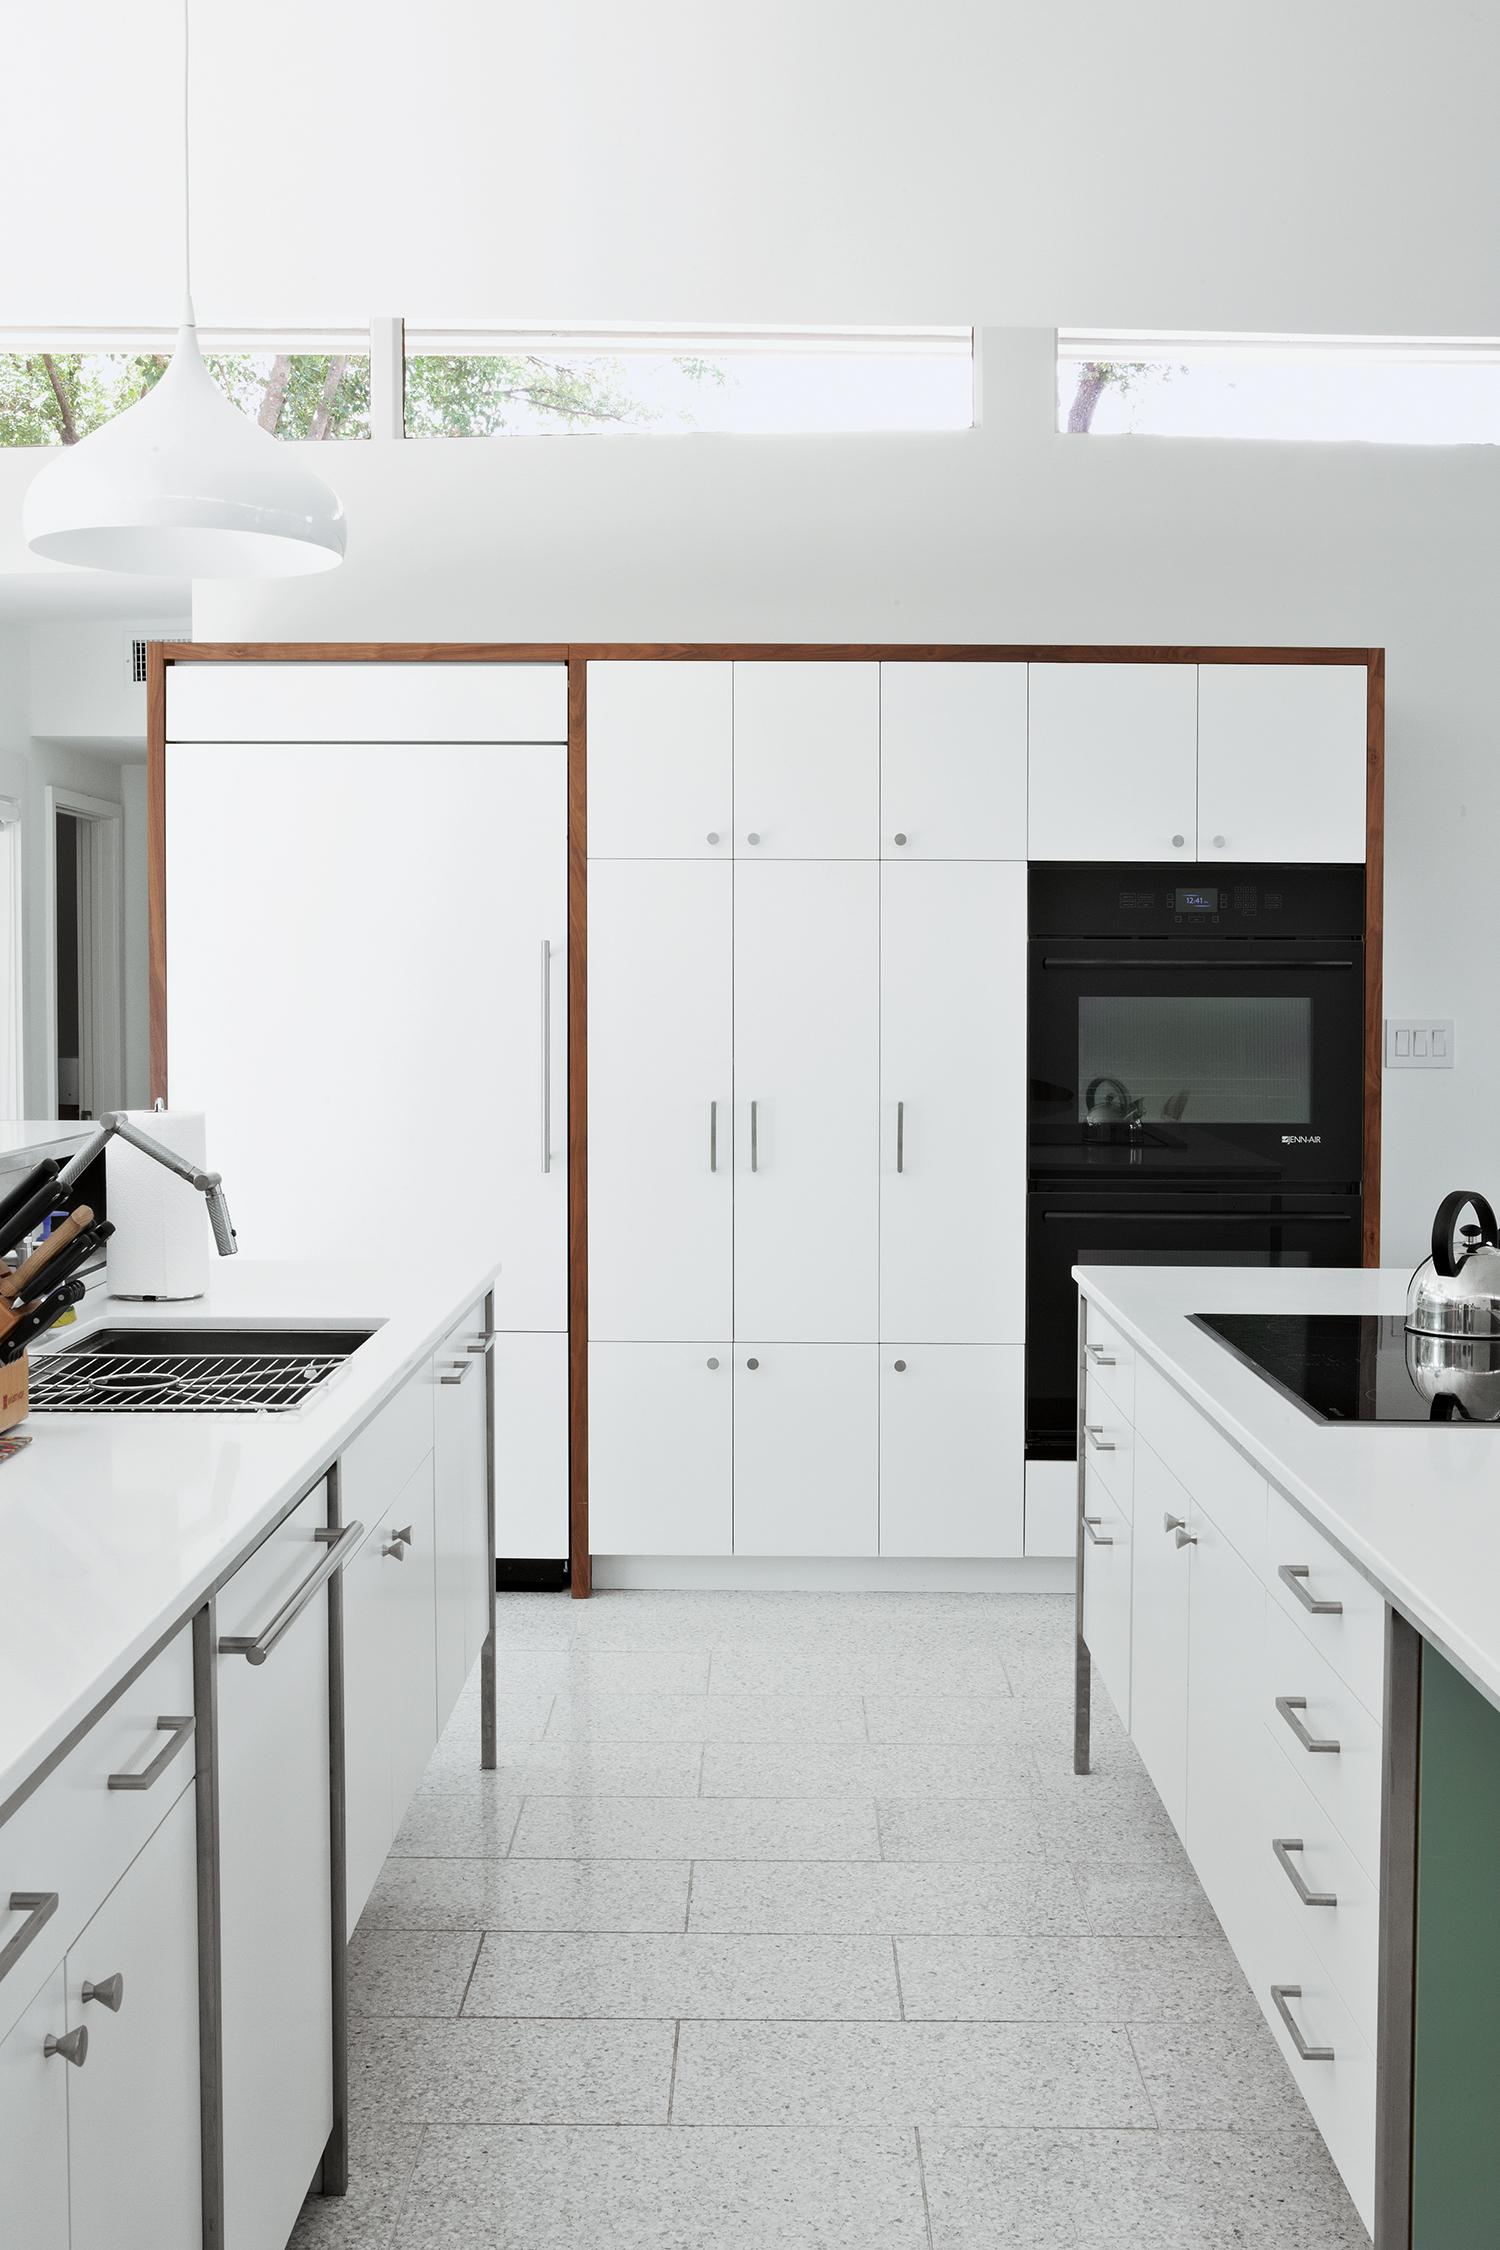 renovated modern home in Austin interior kitchen